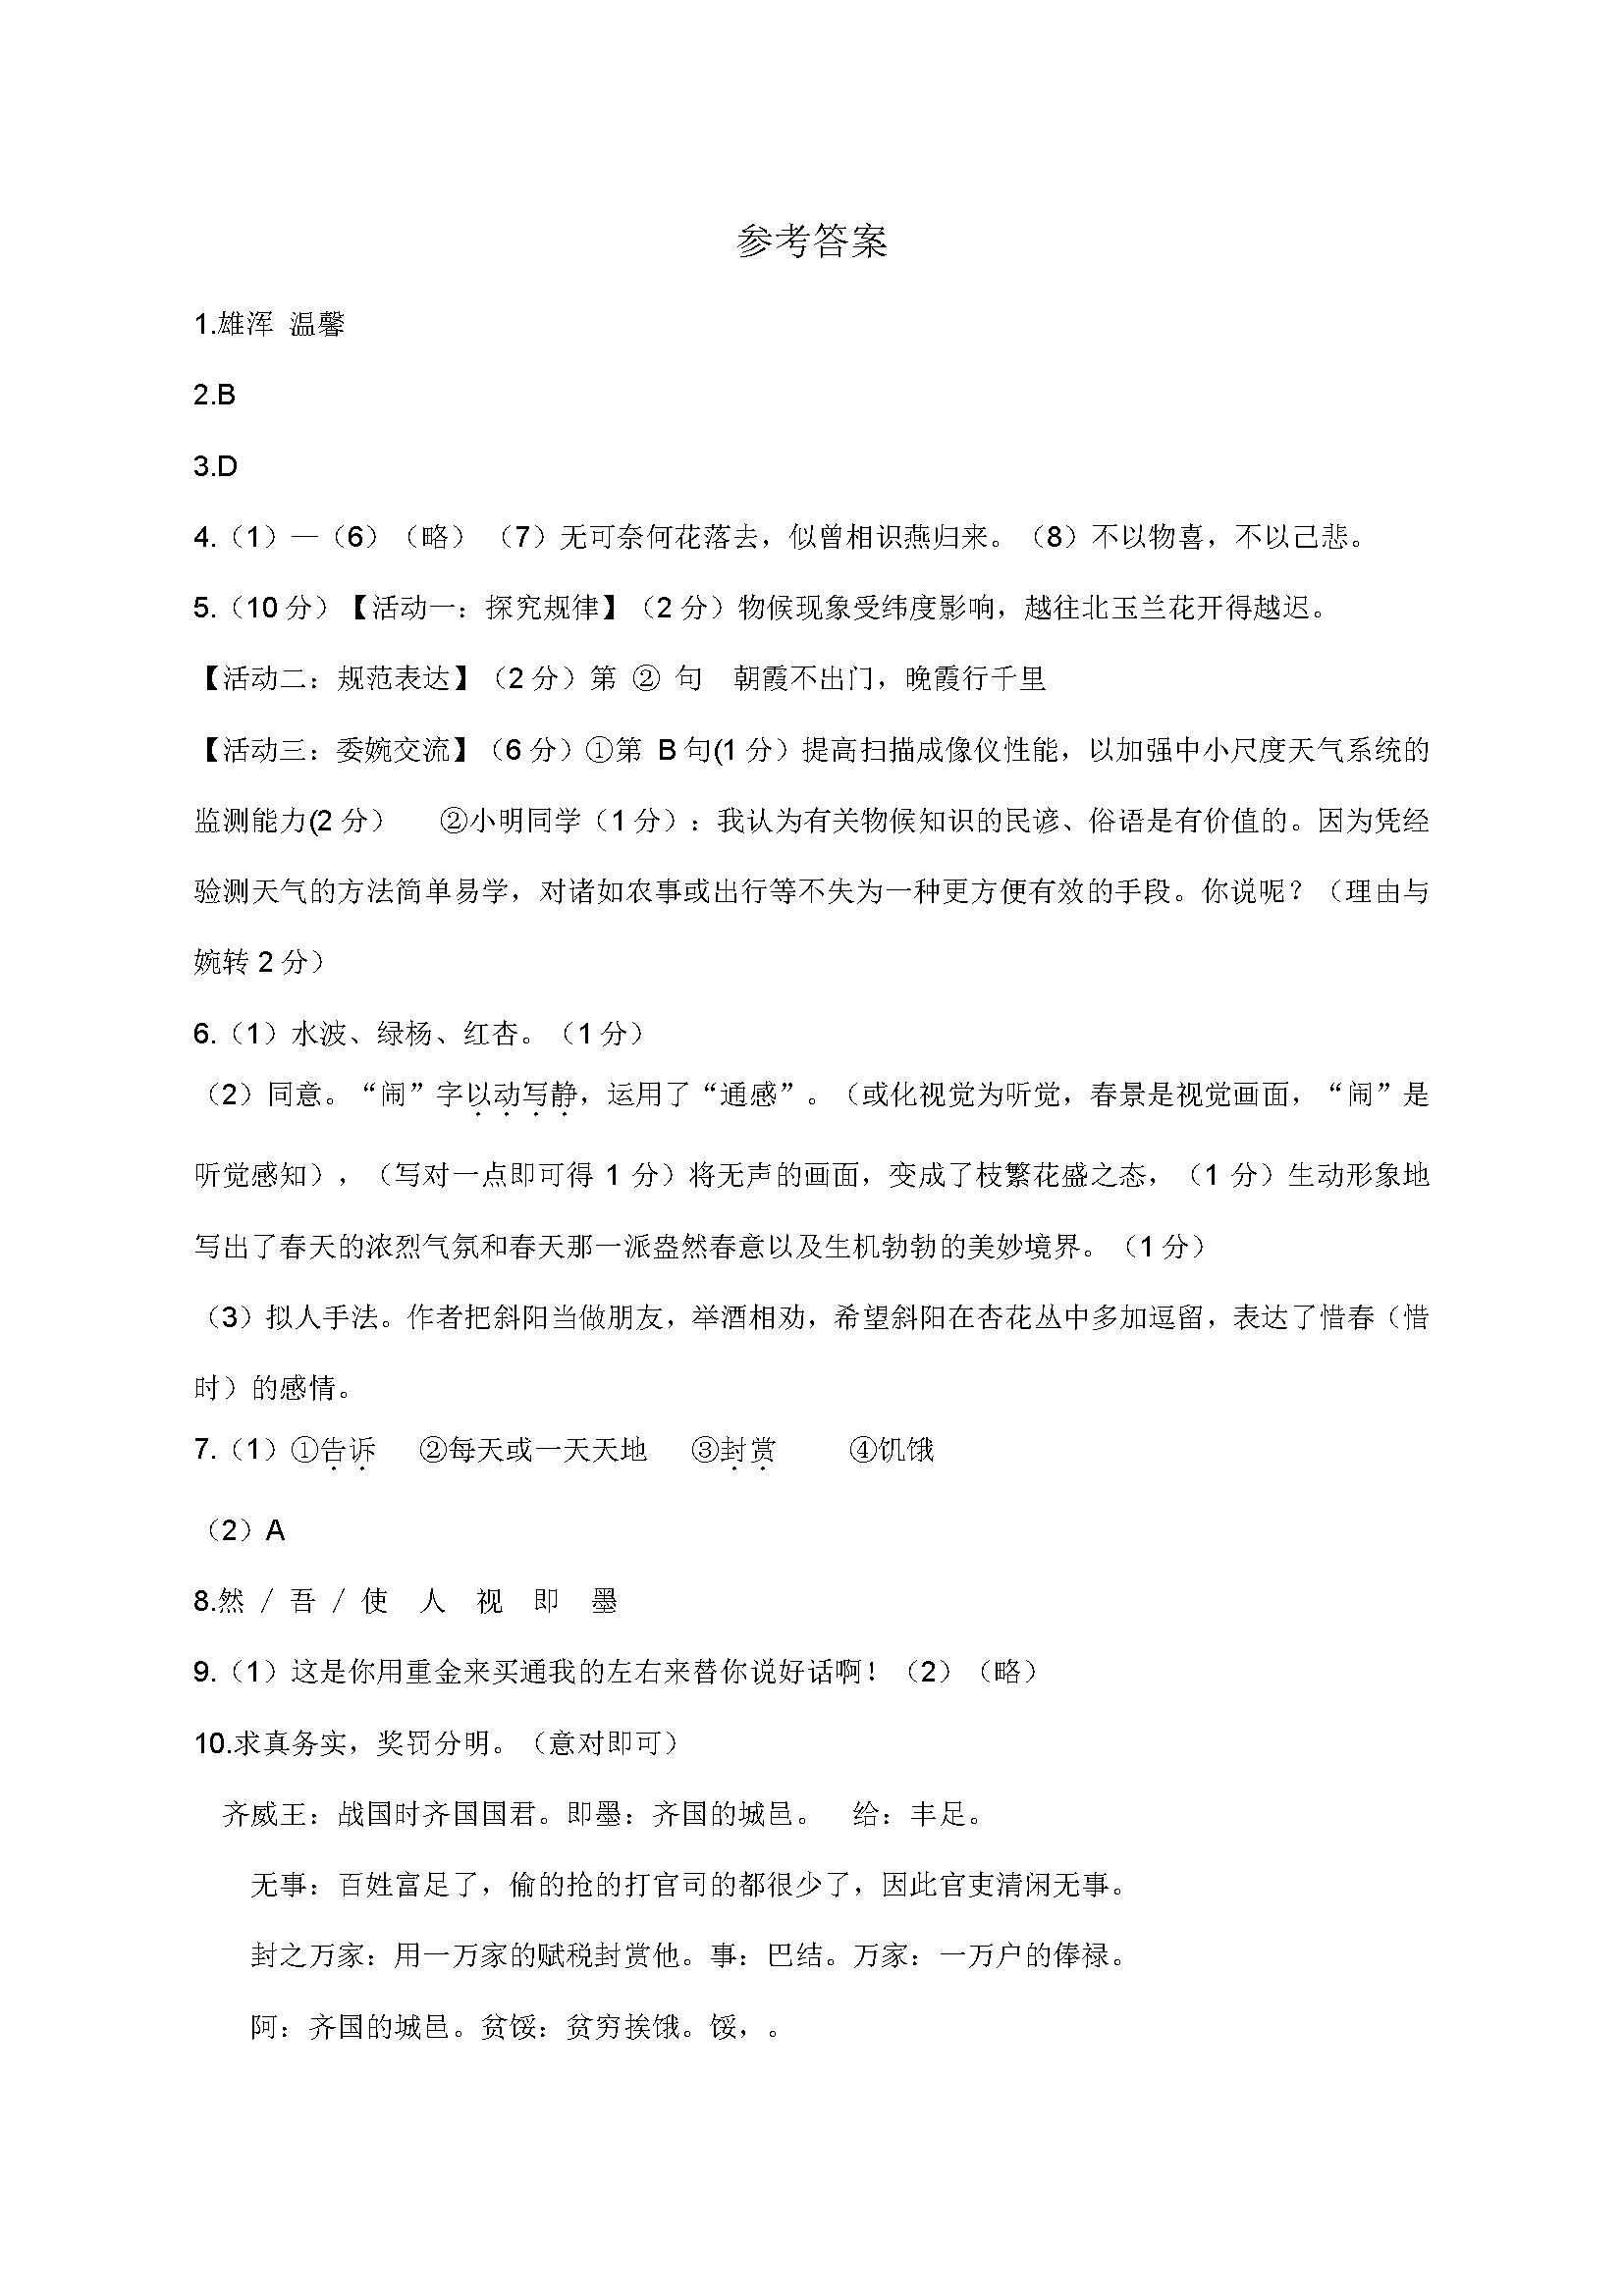 江苏泰州中学附属初级中学2018九年级10月月考语文试题答案(Word版)